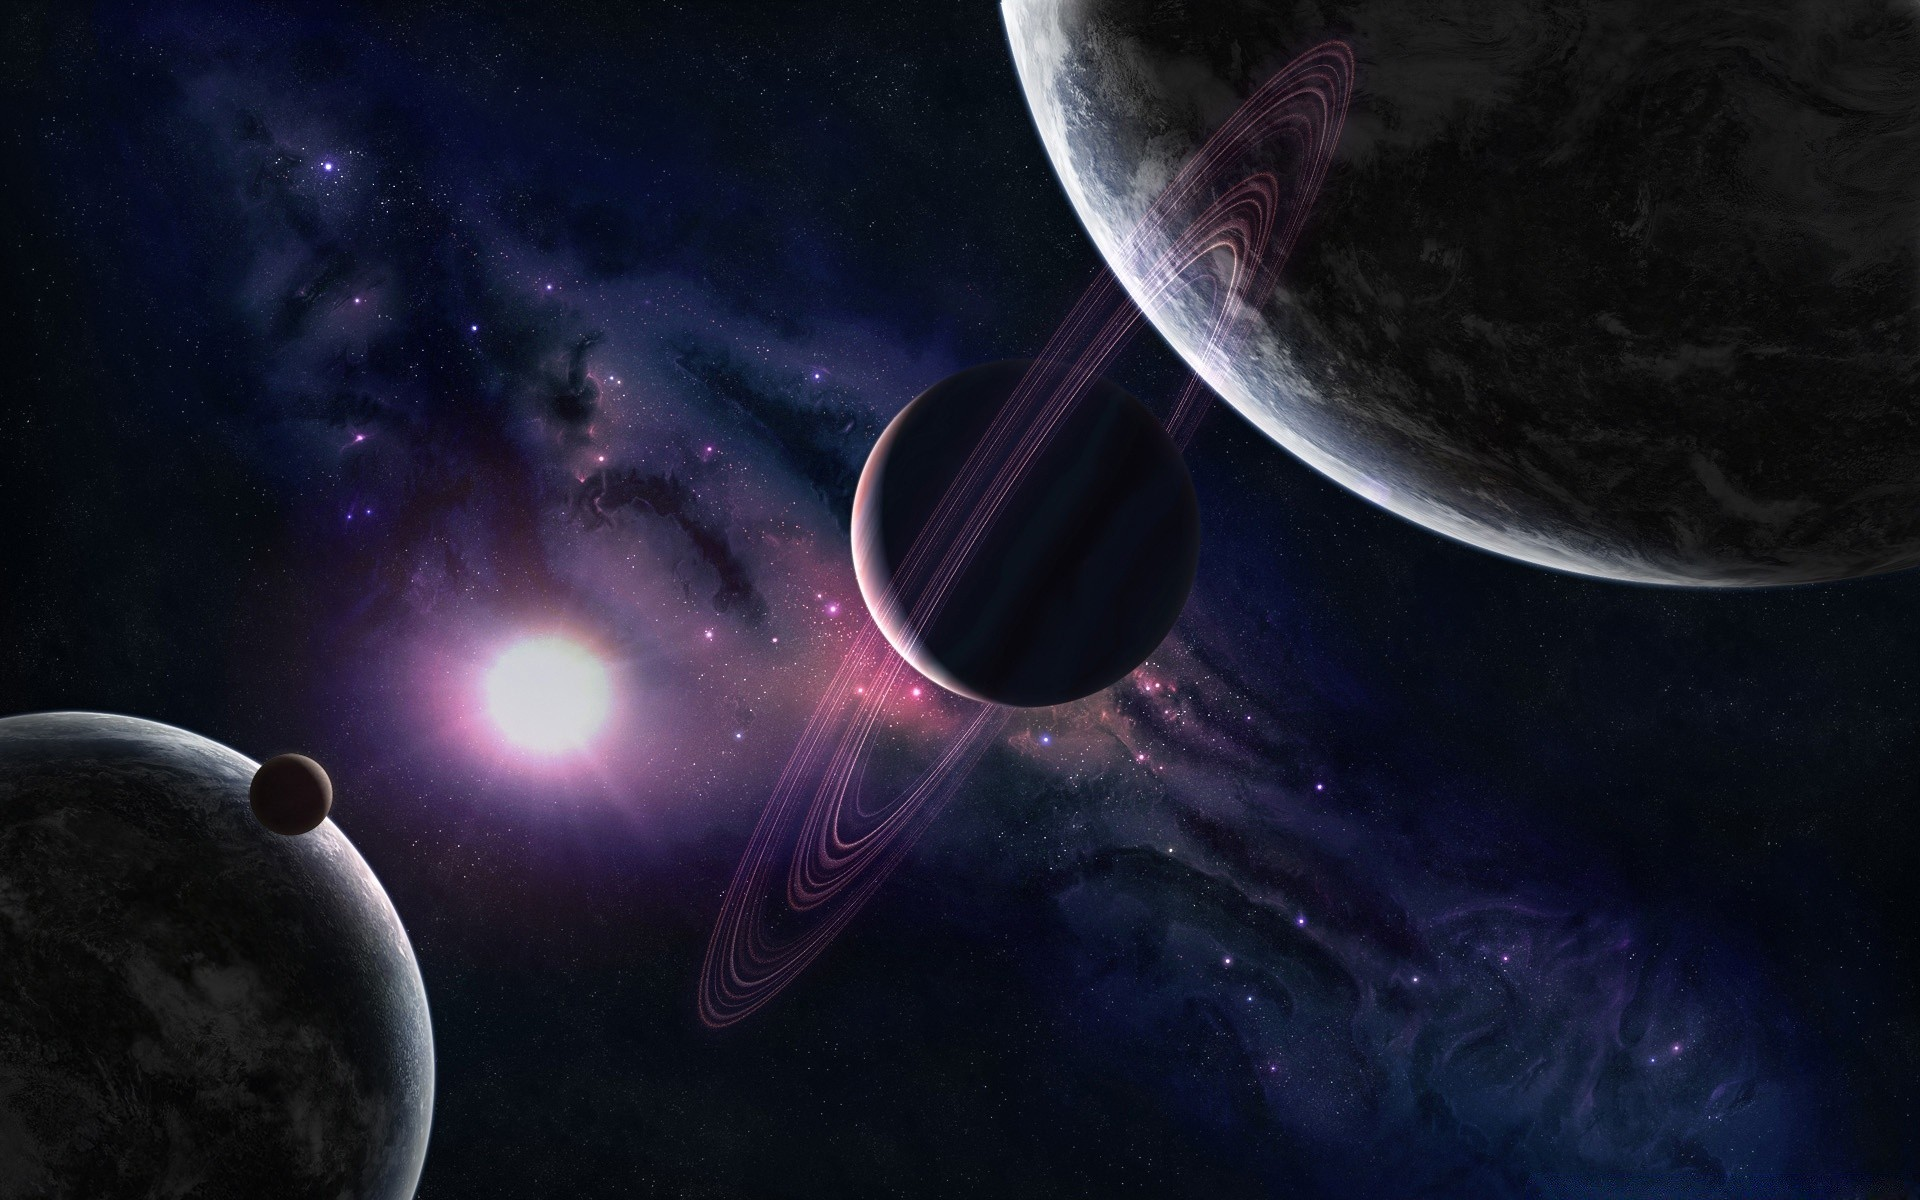 этом картинки на рабочий стол планеты солнечной системы пропустить